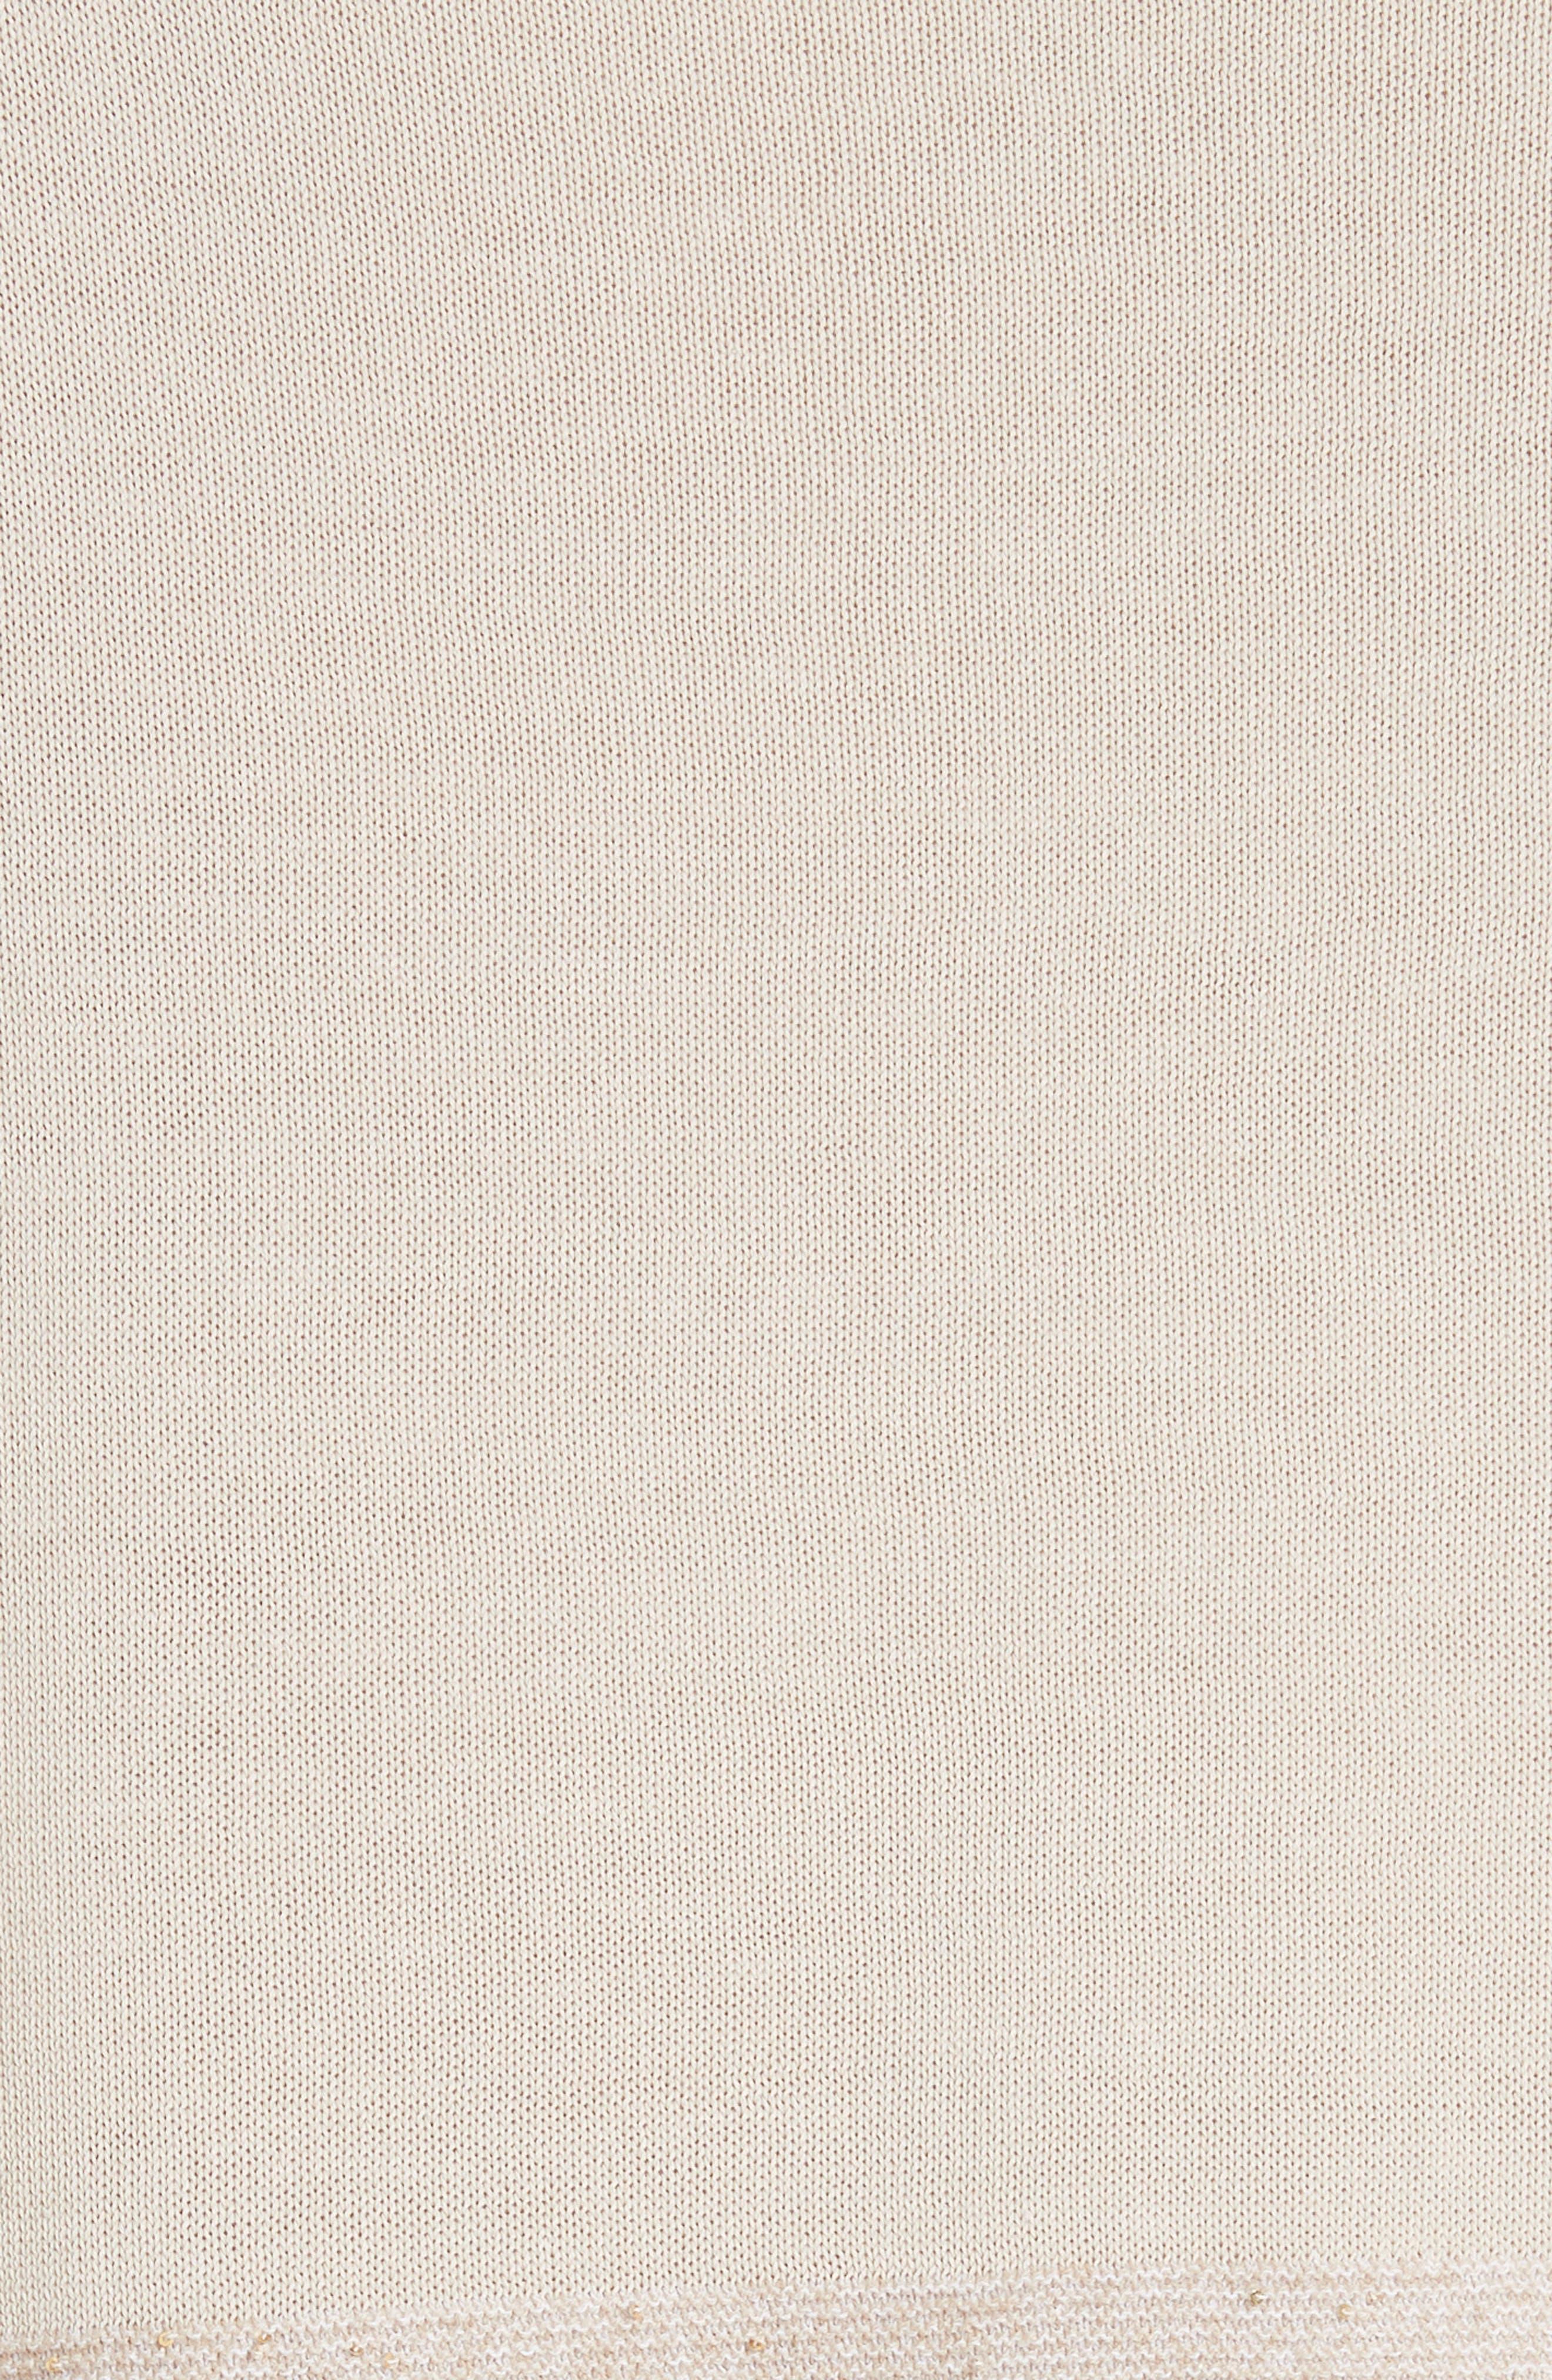 Cotton Crepe Yarn Sequin Stripe Sweater,                             Alternate thumbnail 5, color,                             RAFFIA MULTI